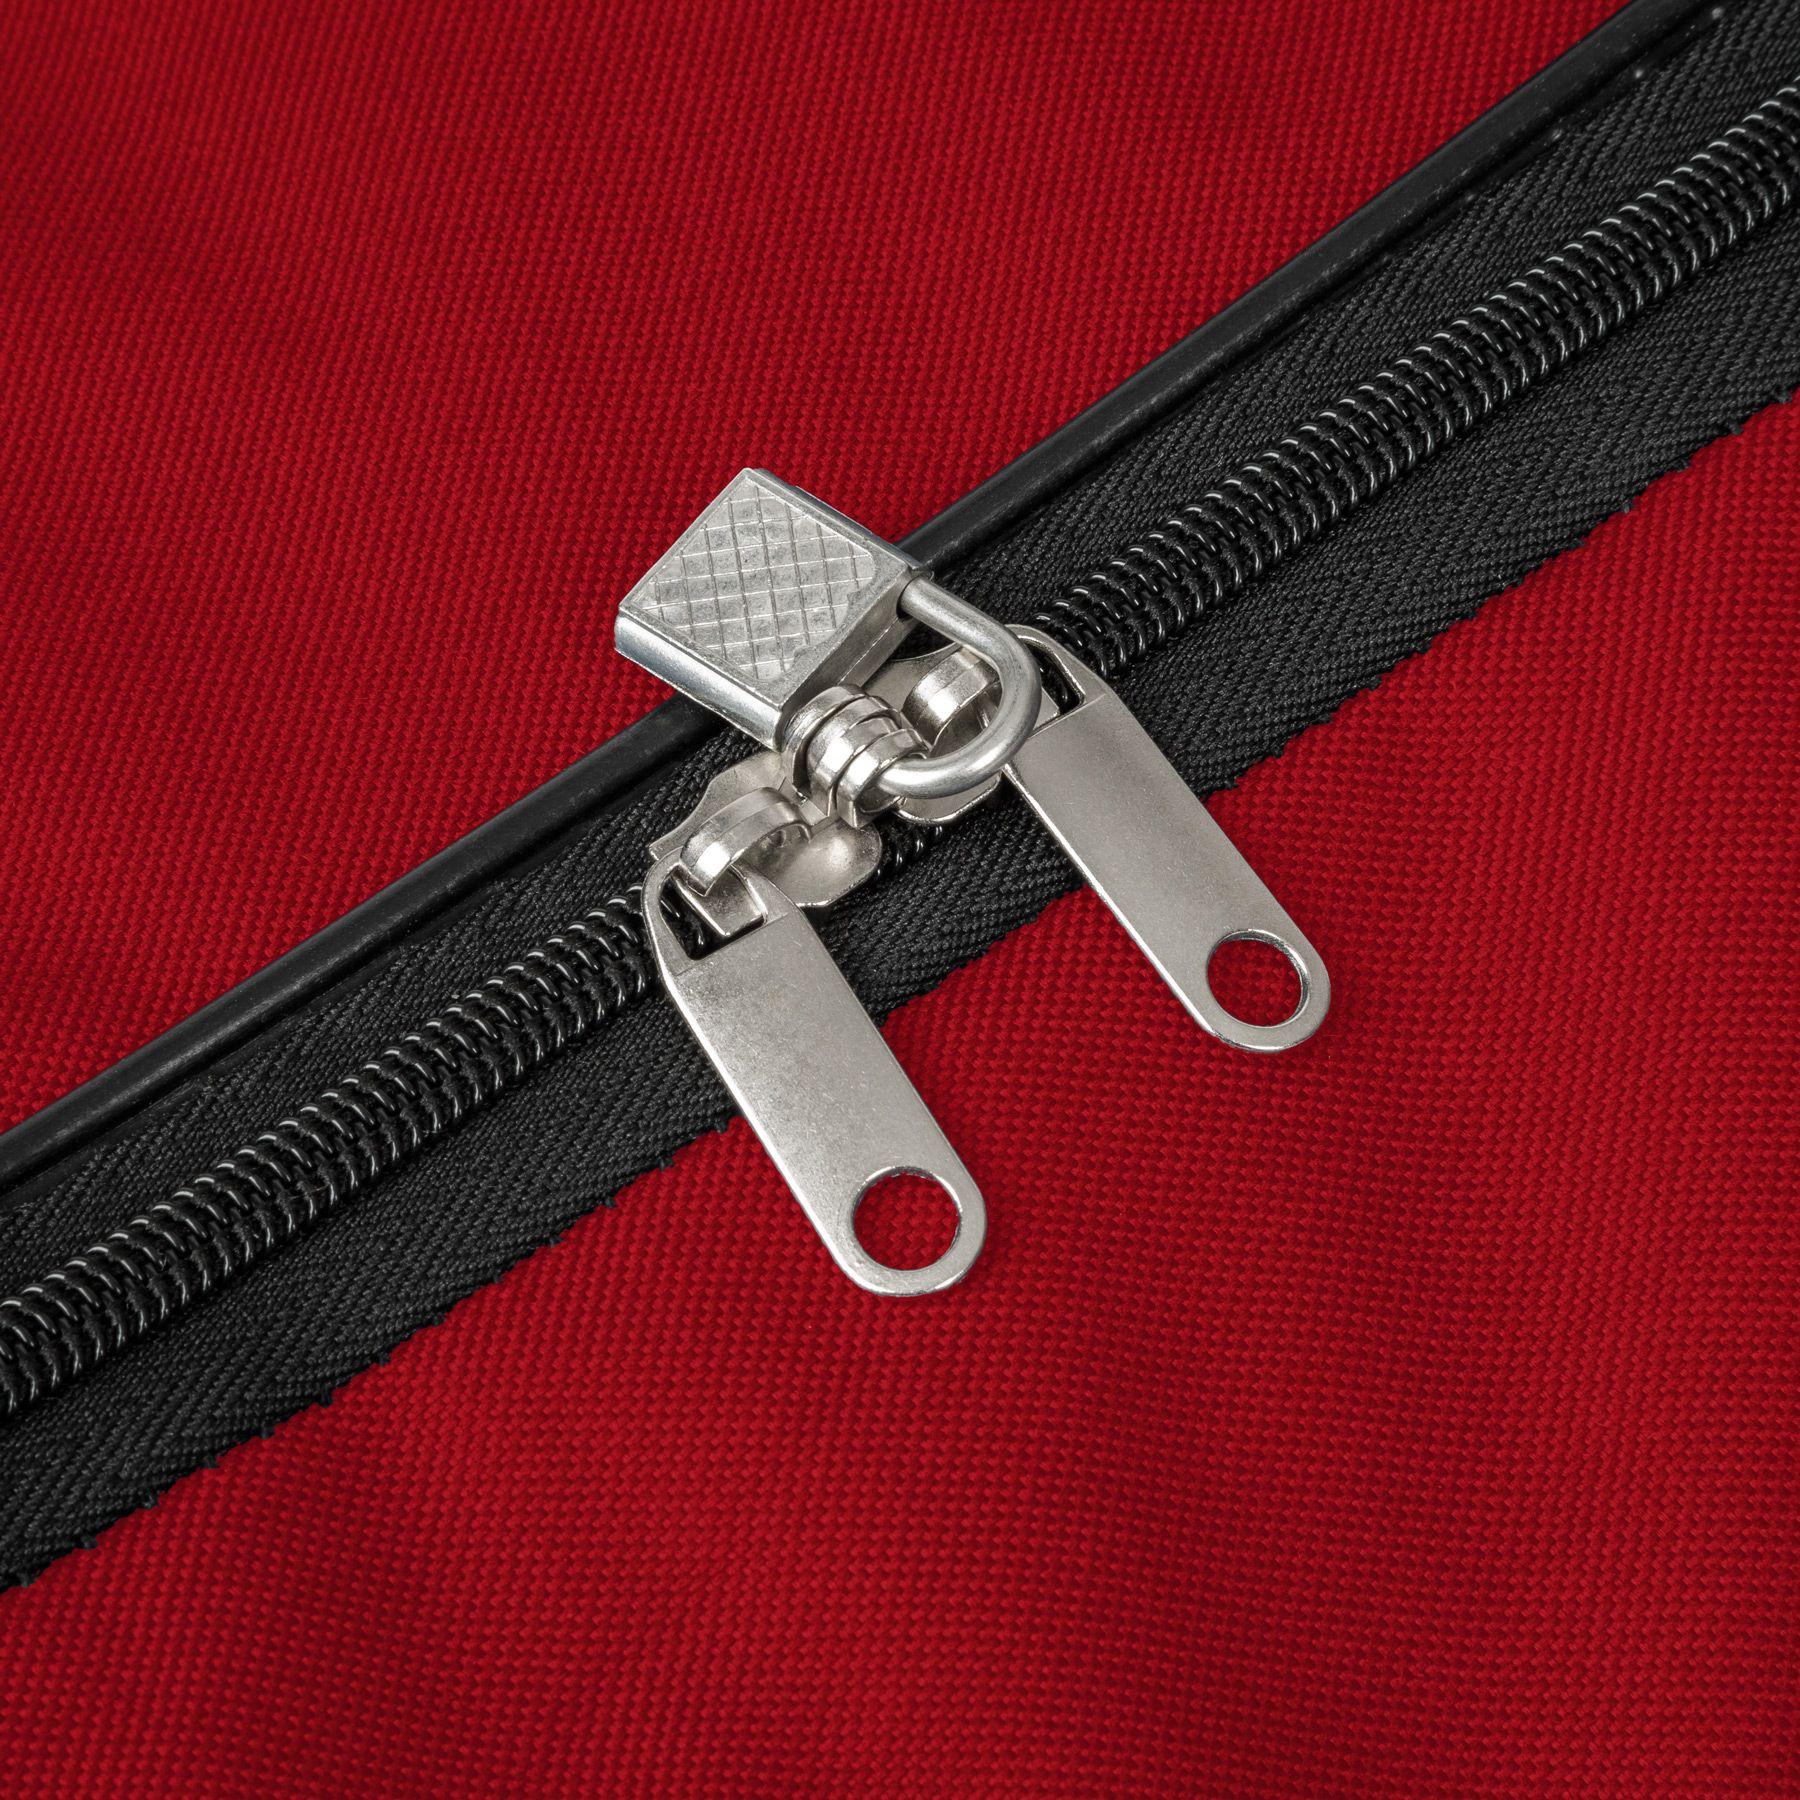 TecTake_Reisetasche_402214_6 Sac de voyage XXL valise trolley légère sport bagage à roulettes 160 litres